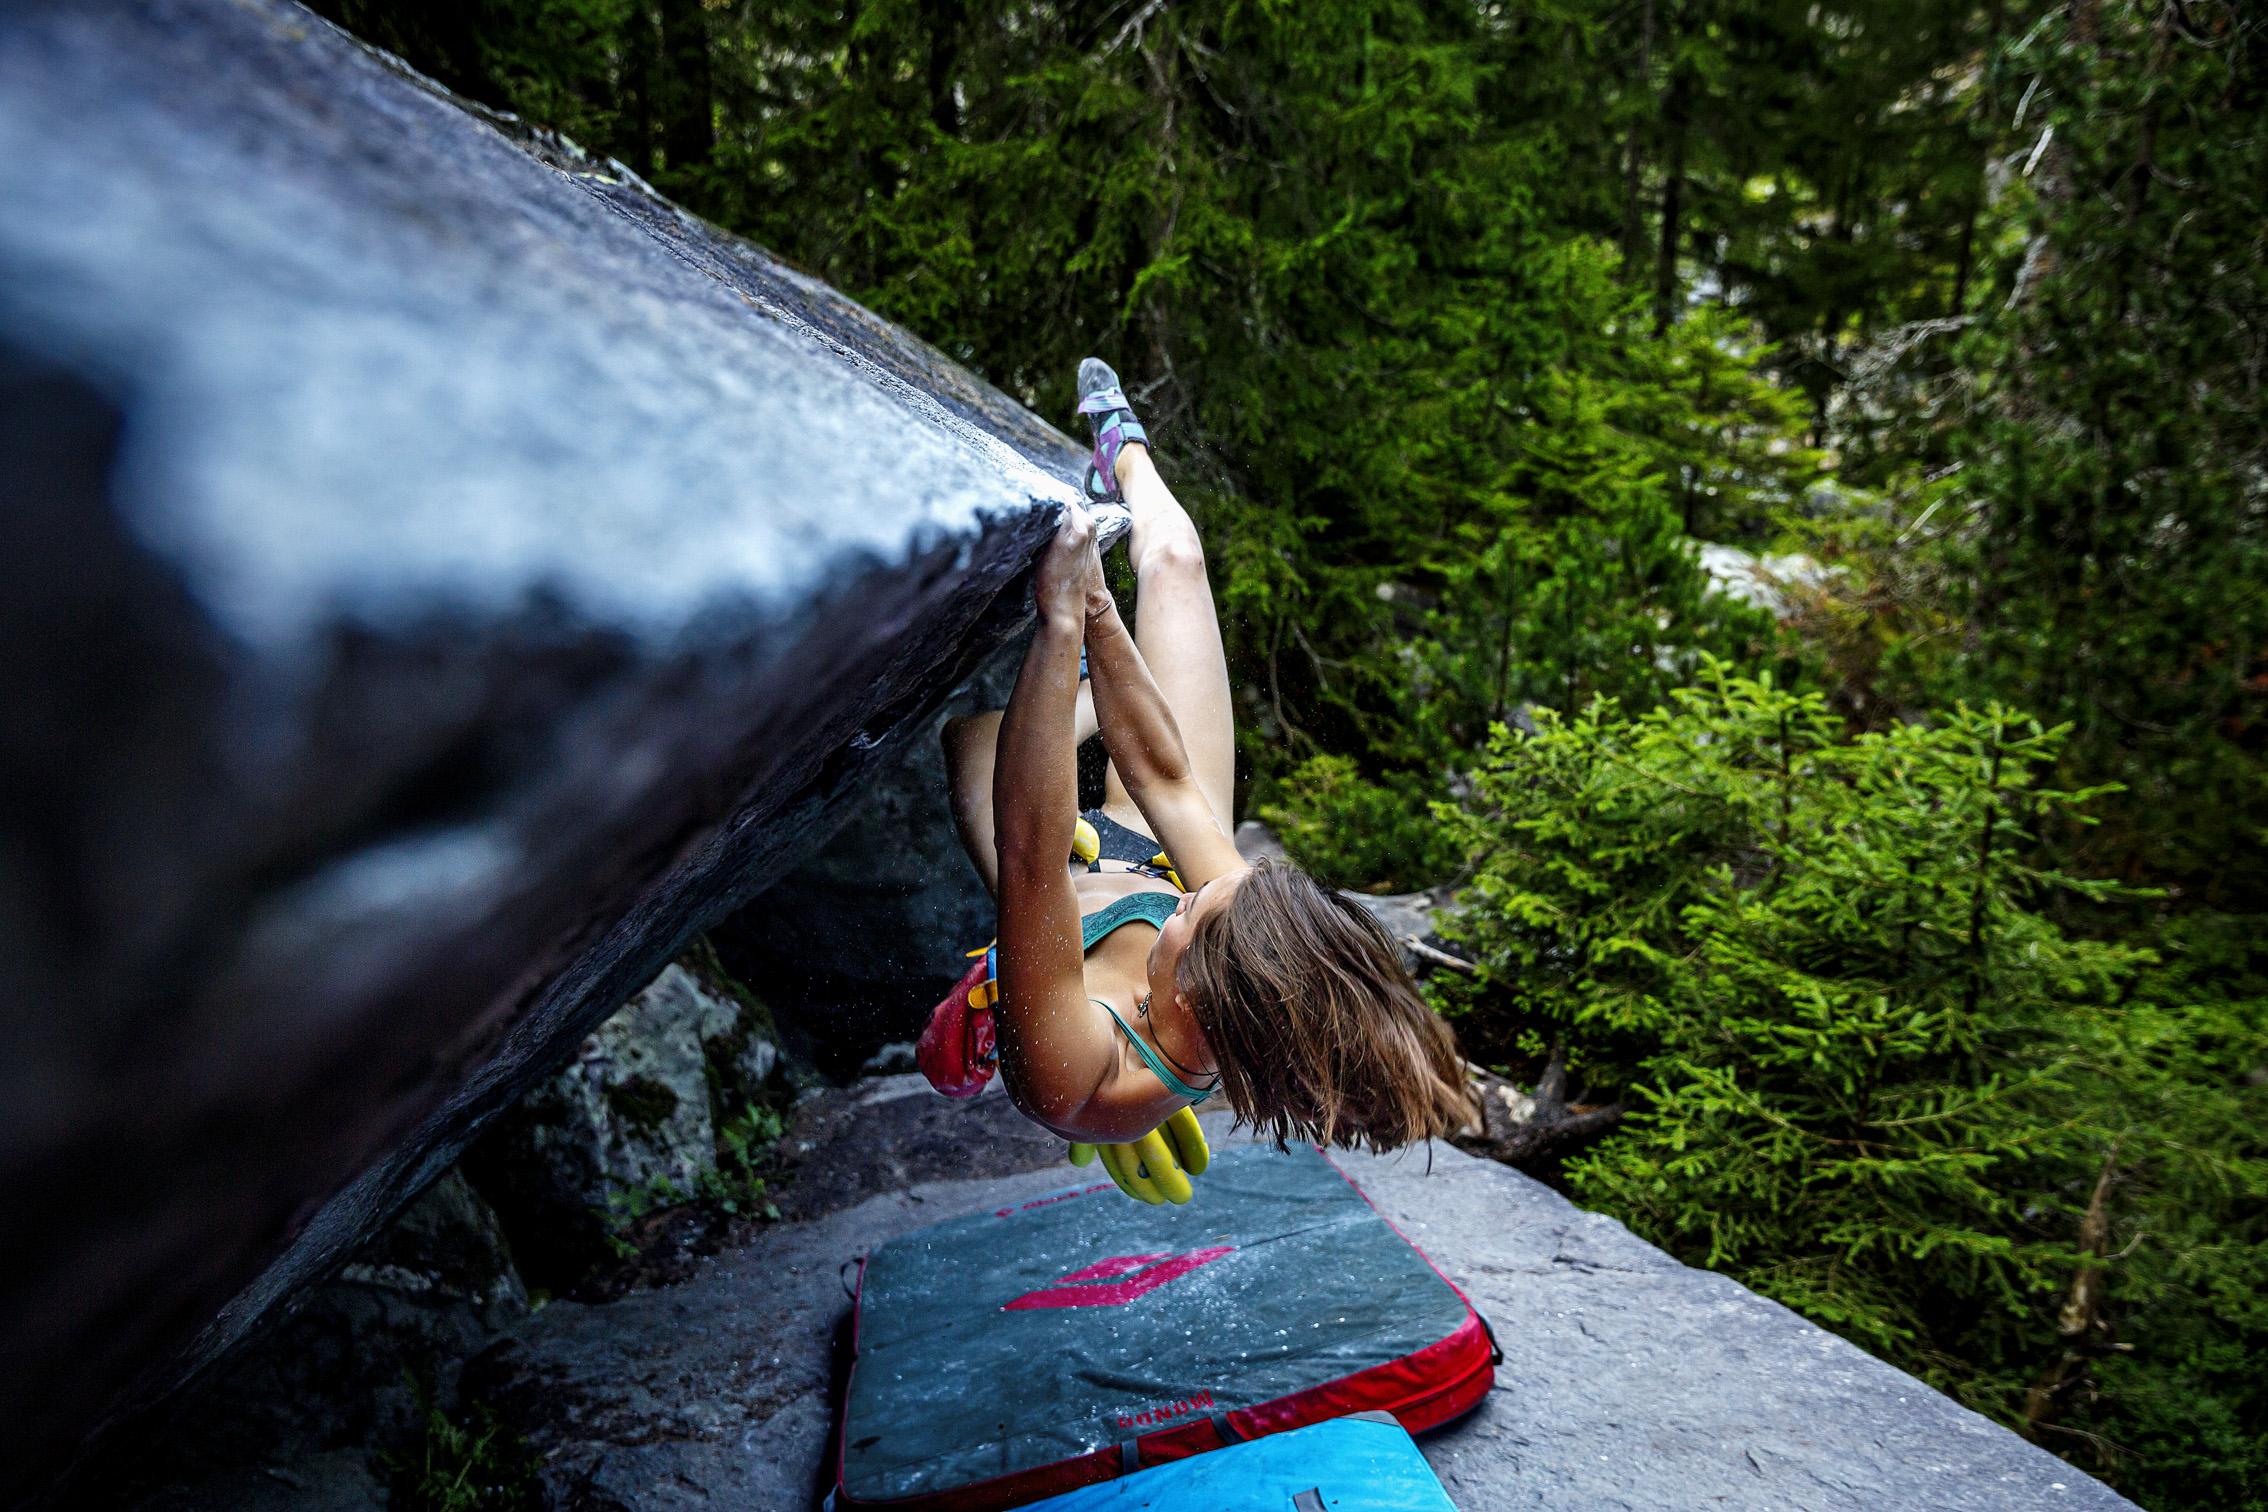 ©KontraPixel climber girl hanging on rock